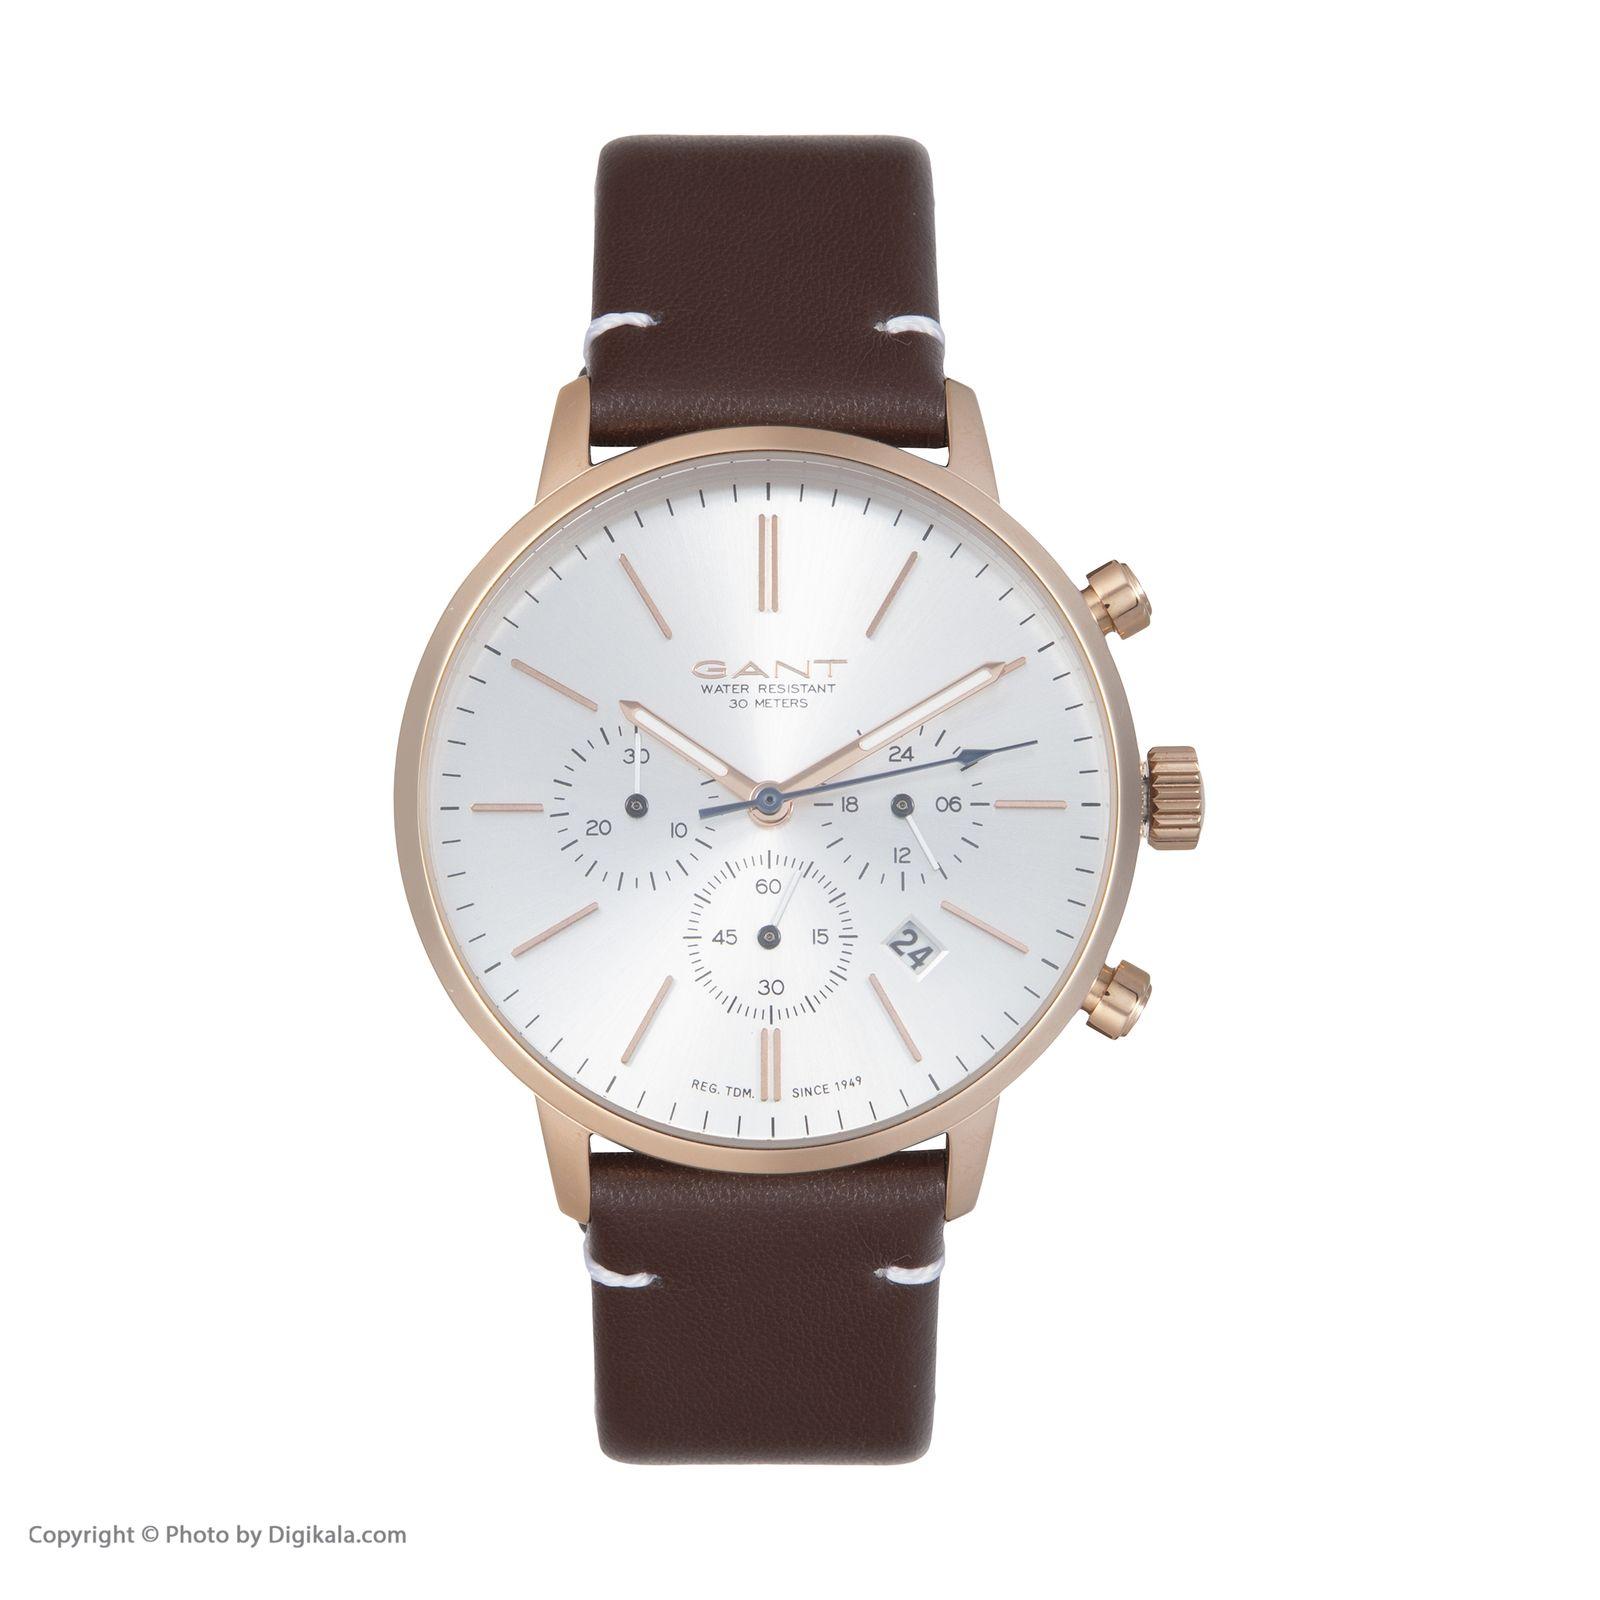 ساعت مچی عقربه ای مردانه گنت مدل GWGT076003 -  - 3